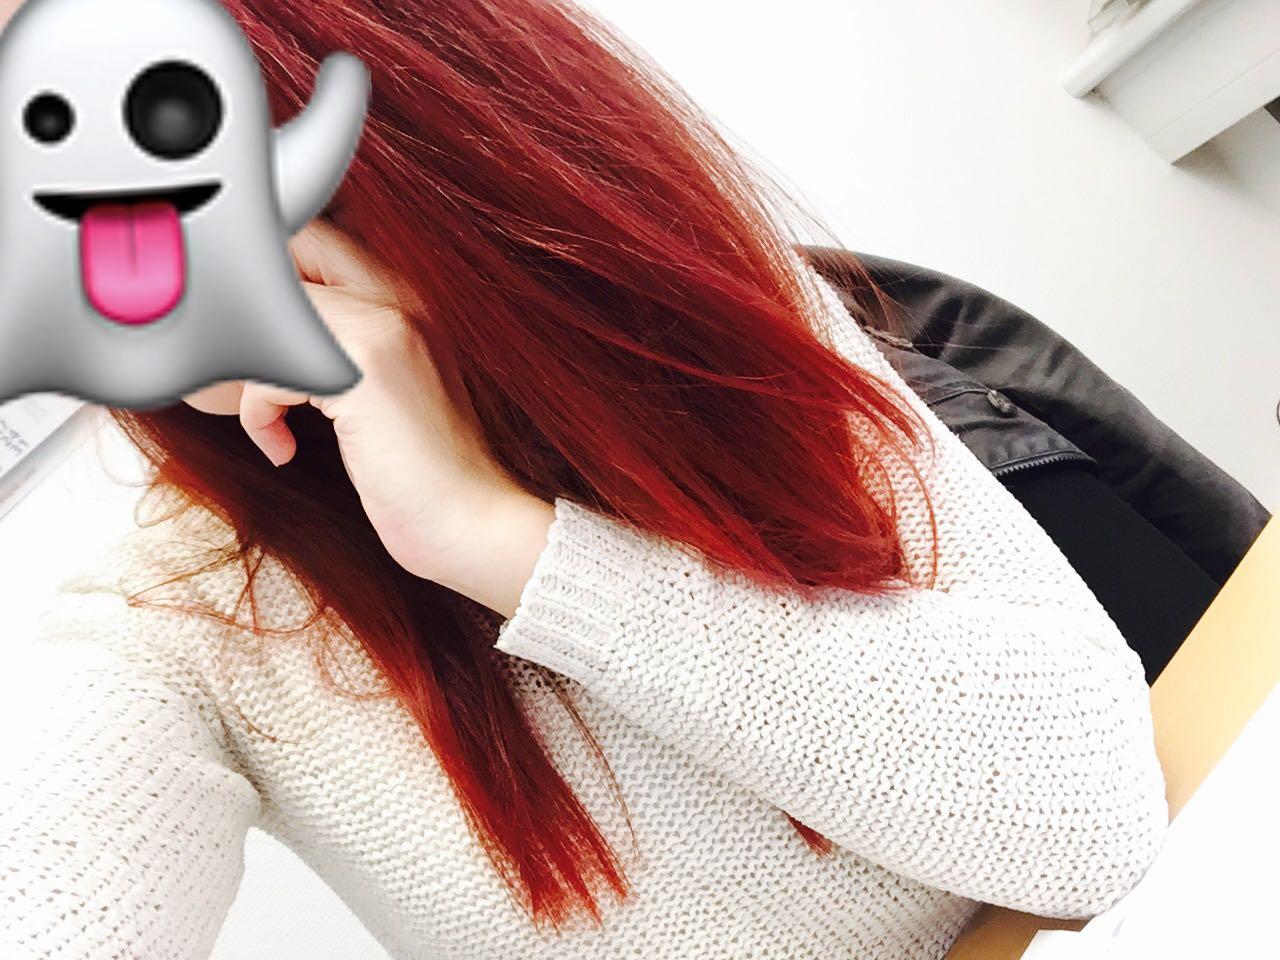 Ohne blondieren rote haare färben Haare rot